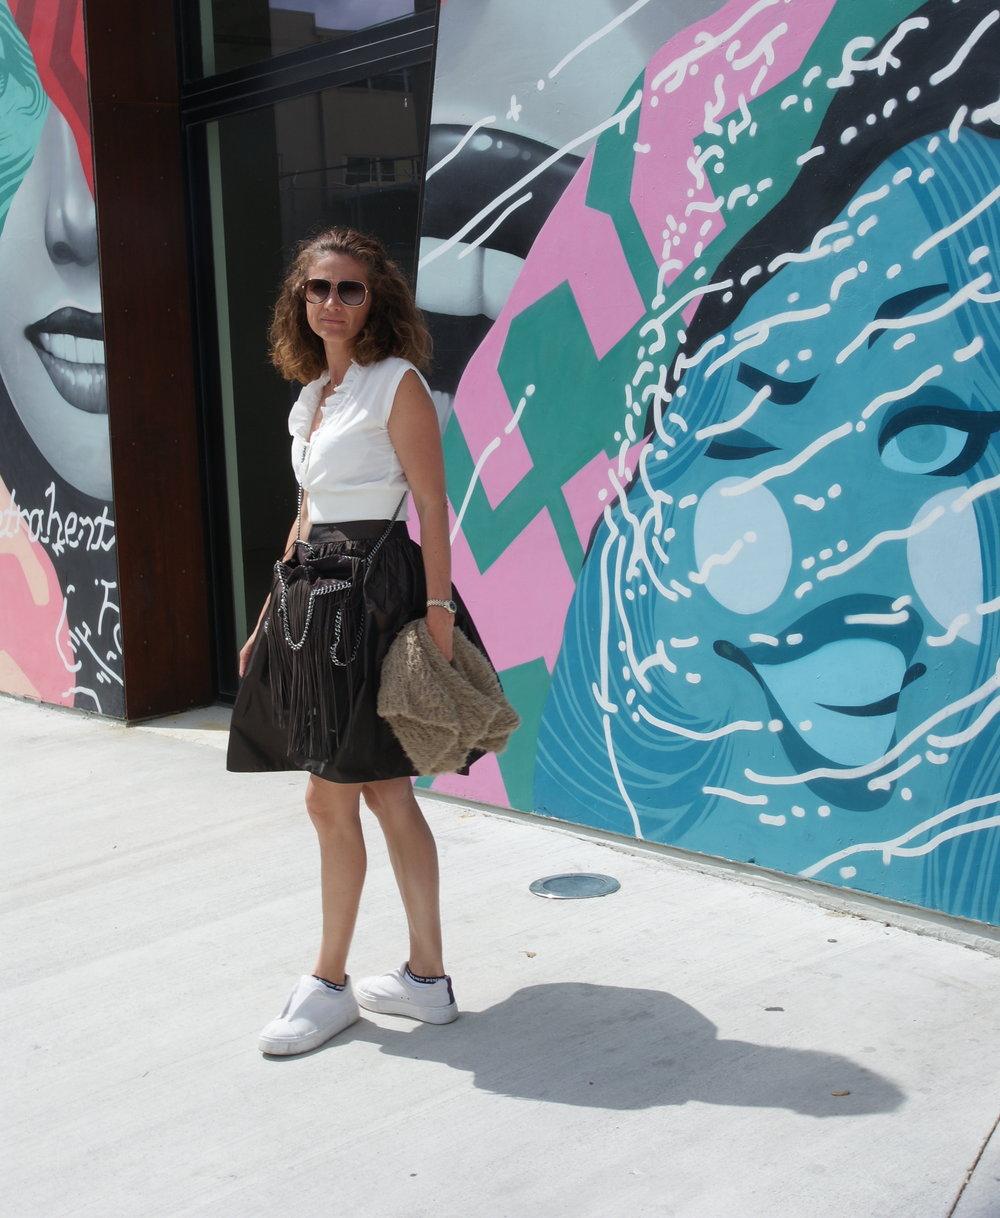 ÜBER MICH - Ich bin in Österreich geboren und aufgewachsen und habe das Modekolleg Herbststraße in Wien absolviert. Um die Entscheidungsfindung bei der Herstellung von Kleidungsstücken zu unterstützen und zu bereichern, ging ich zum Central St Martins und zum Royal College of Fashion, um Kurse für persönliches Styling, Farbberatung und Modestyling zu besuchen.Ich habe mich entschlossen 2016 mein Unternehmen zu gründen und arbeite gerade an meiner fünften Kollektion.